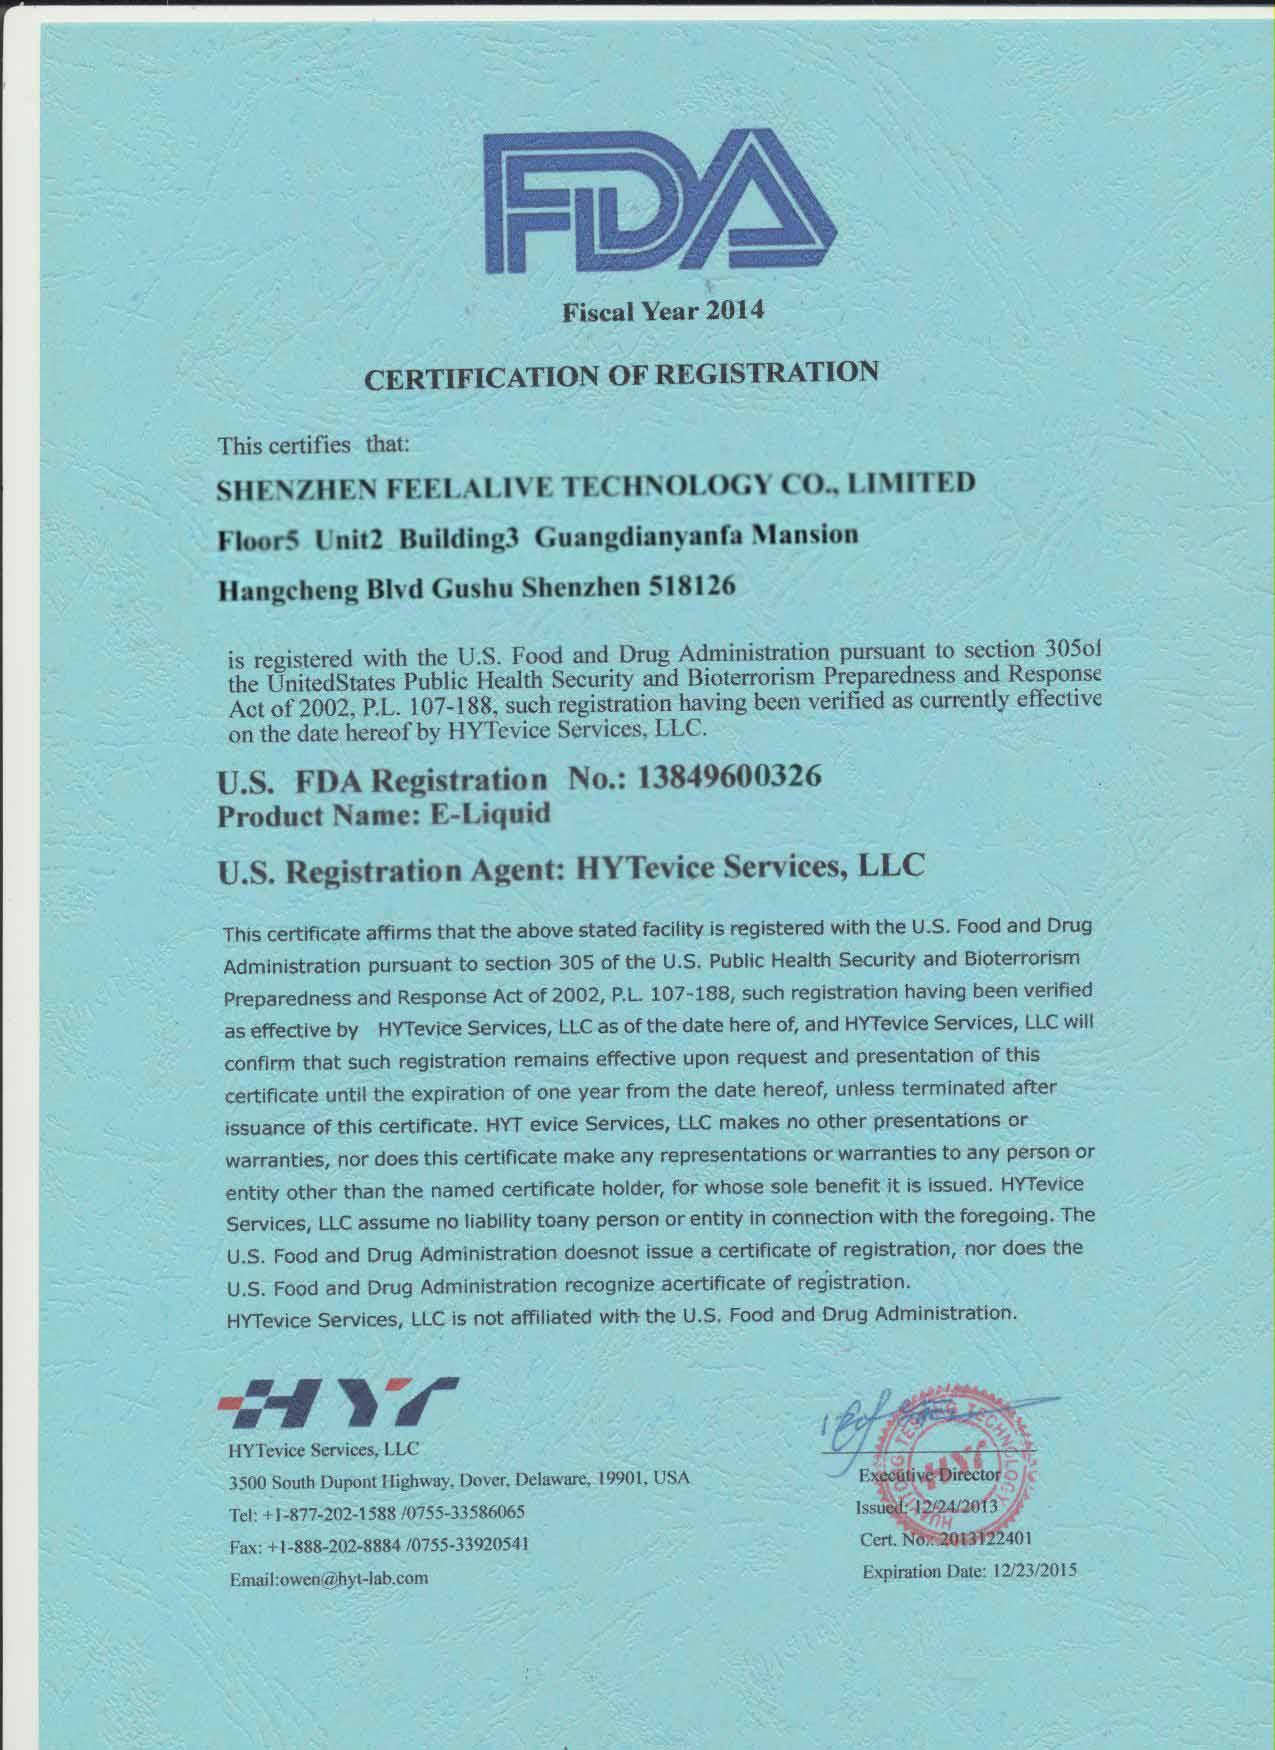 FDA Registeration